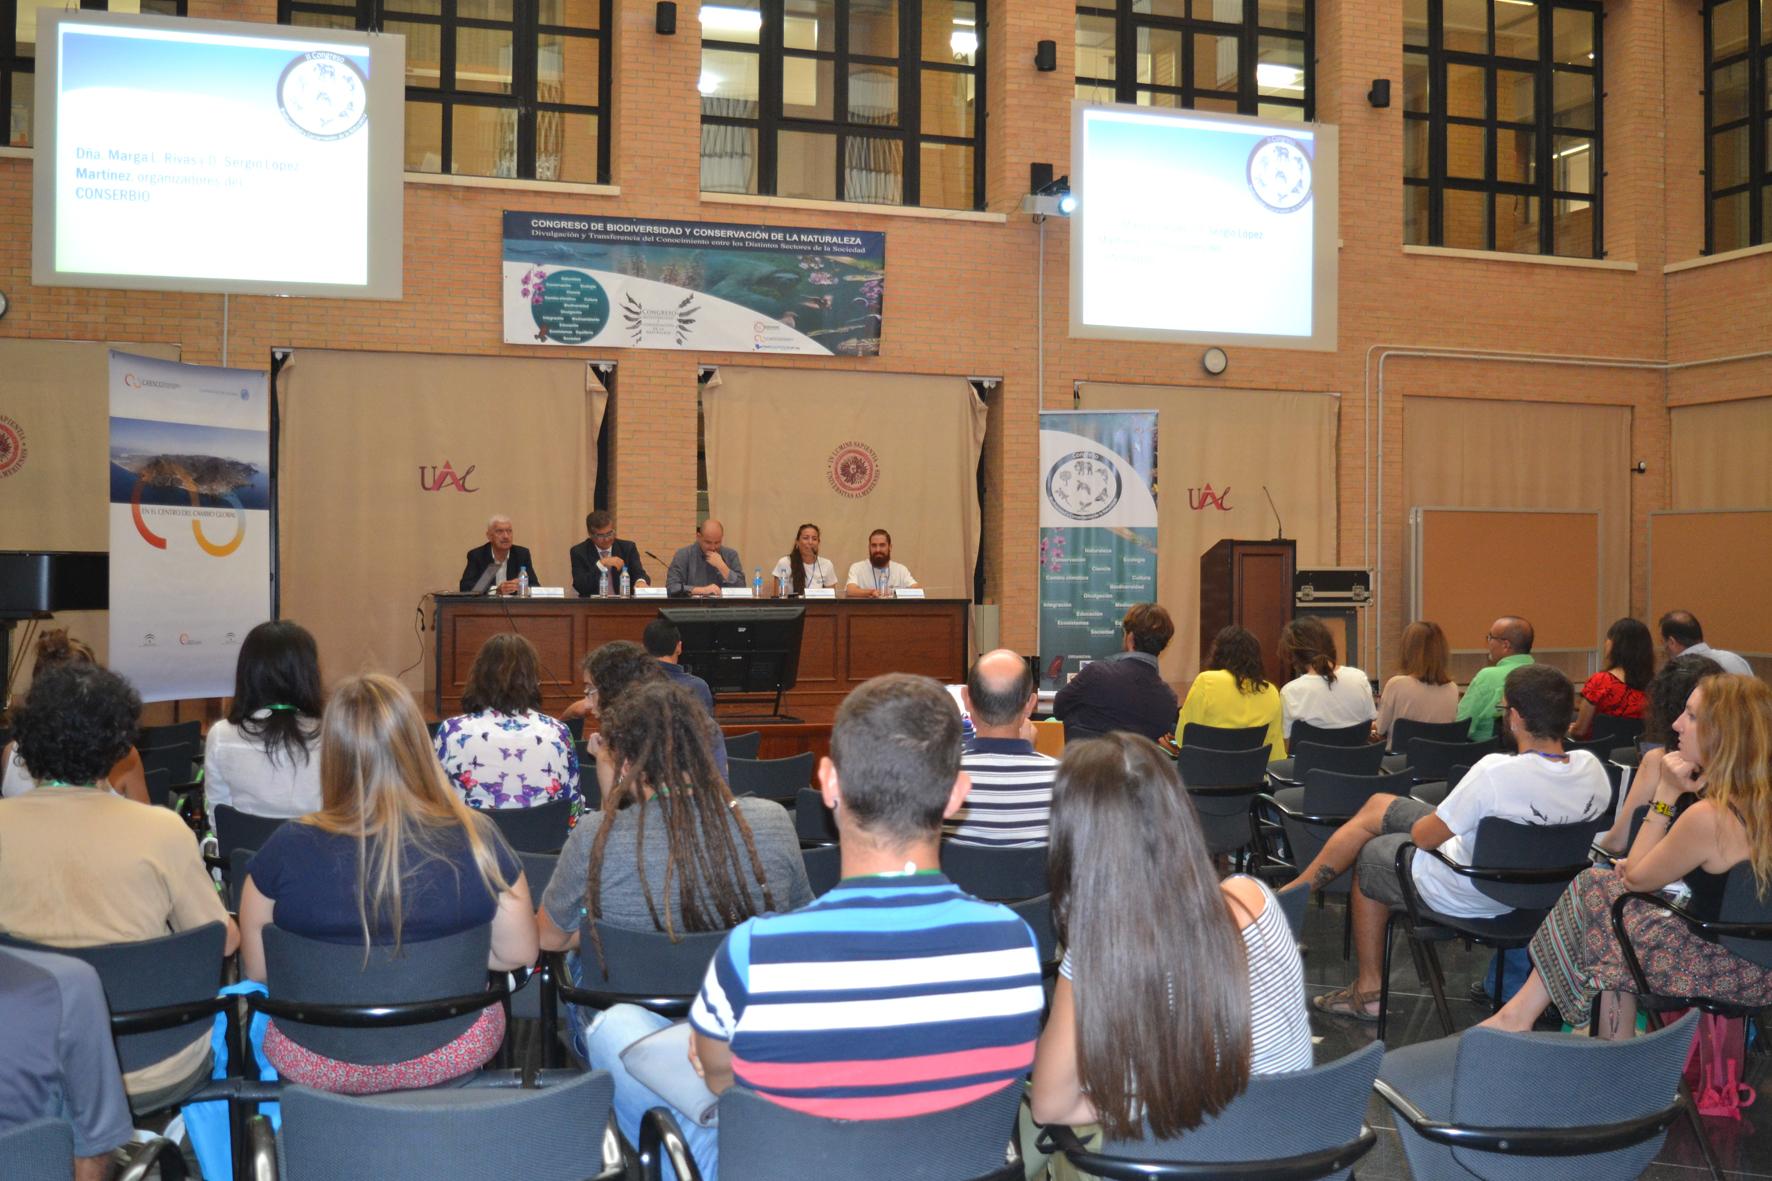 El II Congreso de Biodiversidad y Conservación de la Naturaleza se consolida en la UAL